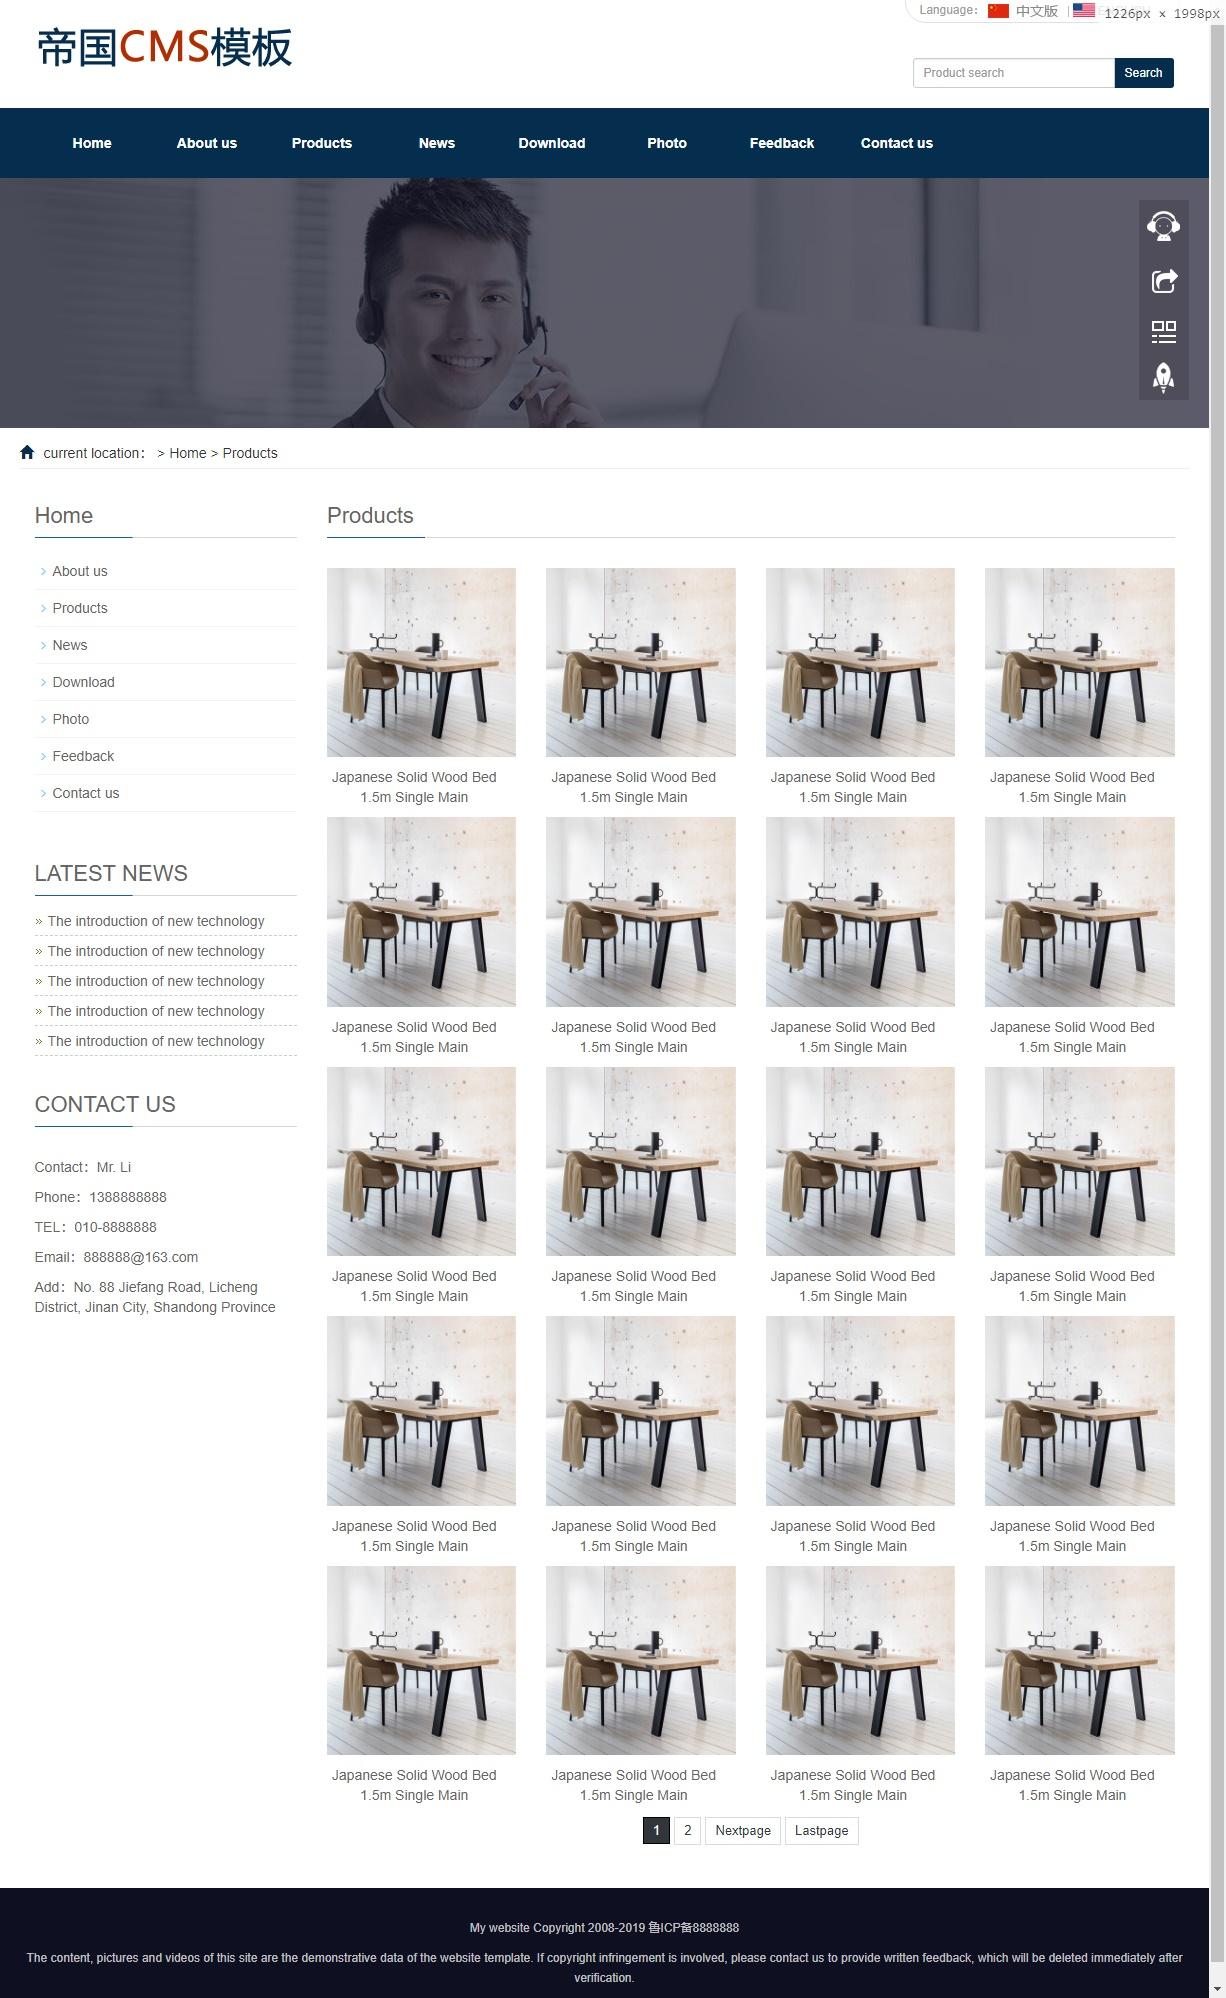 响应式自适应手机帝国cms中英文外贸企业网站模板_英文版产品列表页